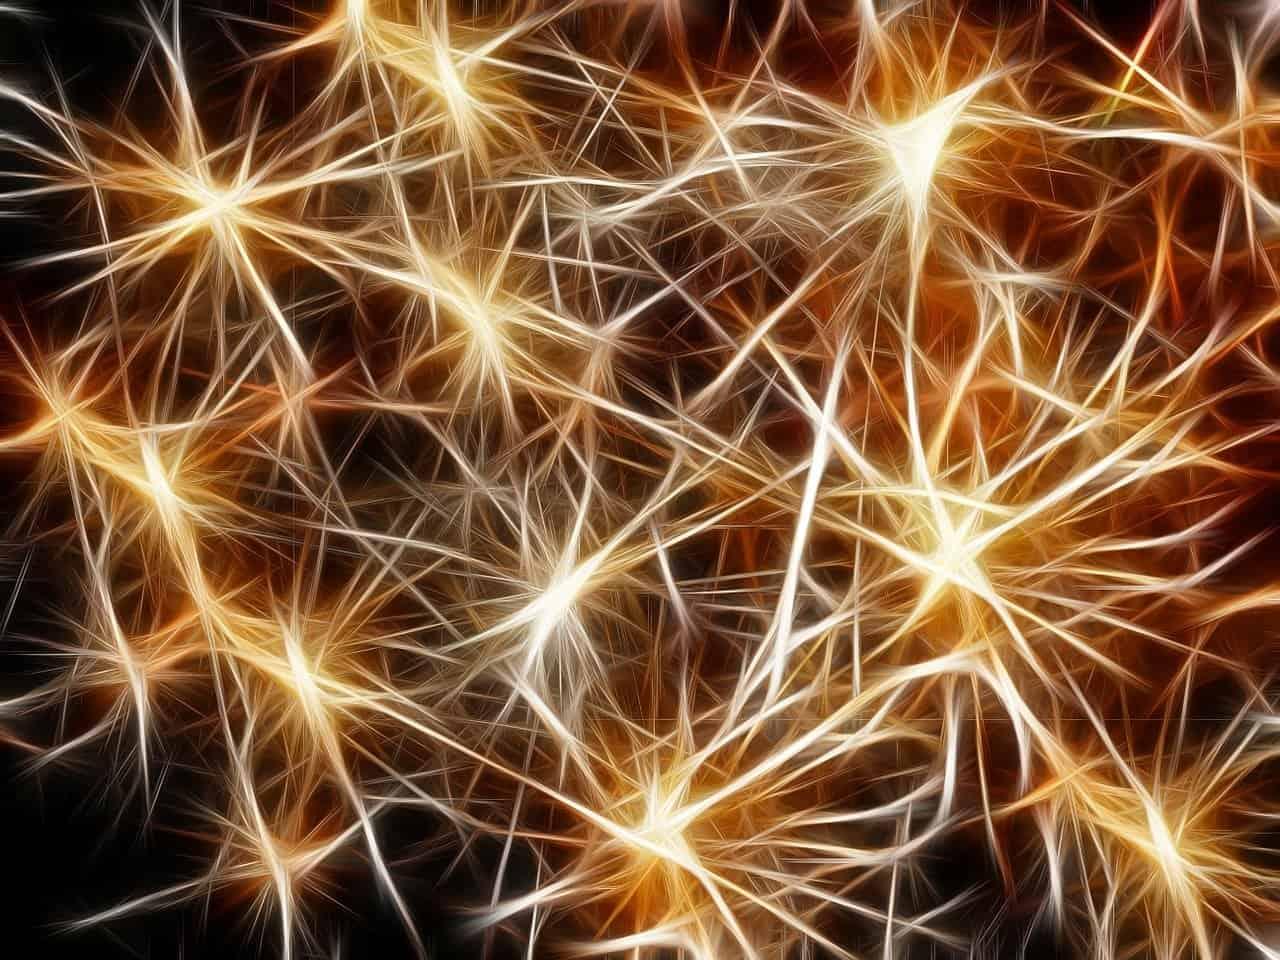 Scoperta una molecola in grado di frenare L'Alzheimer